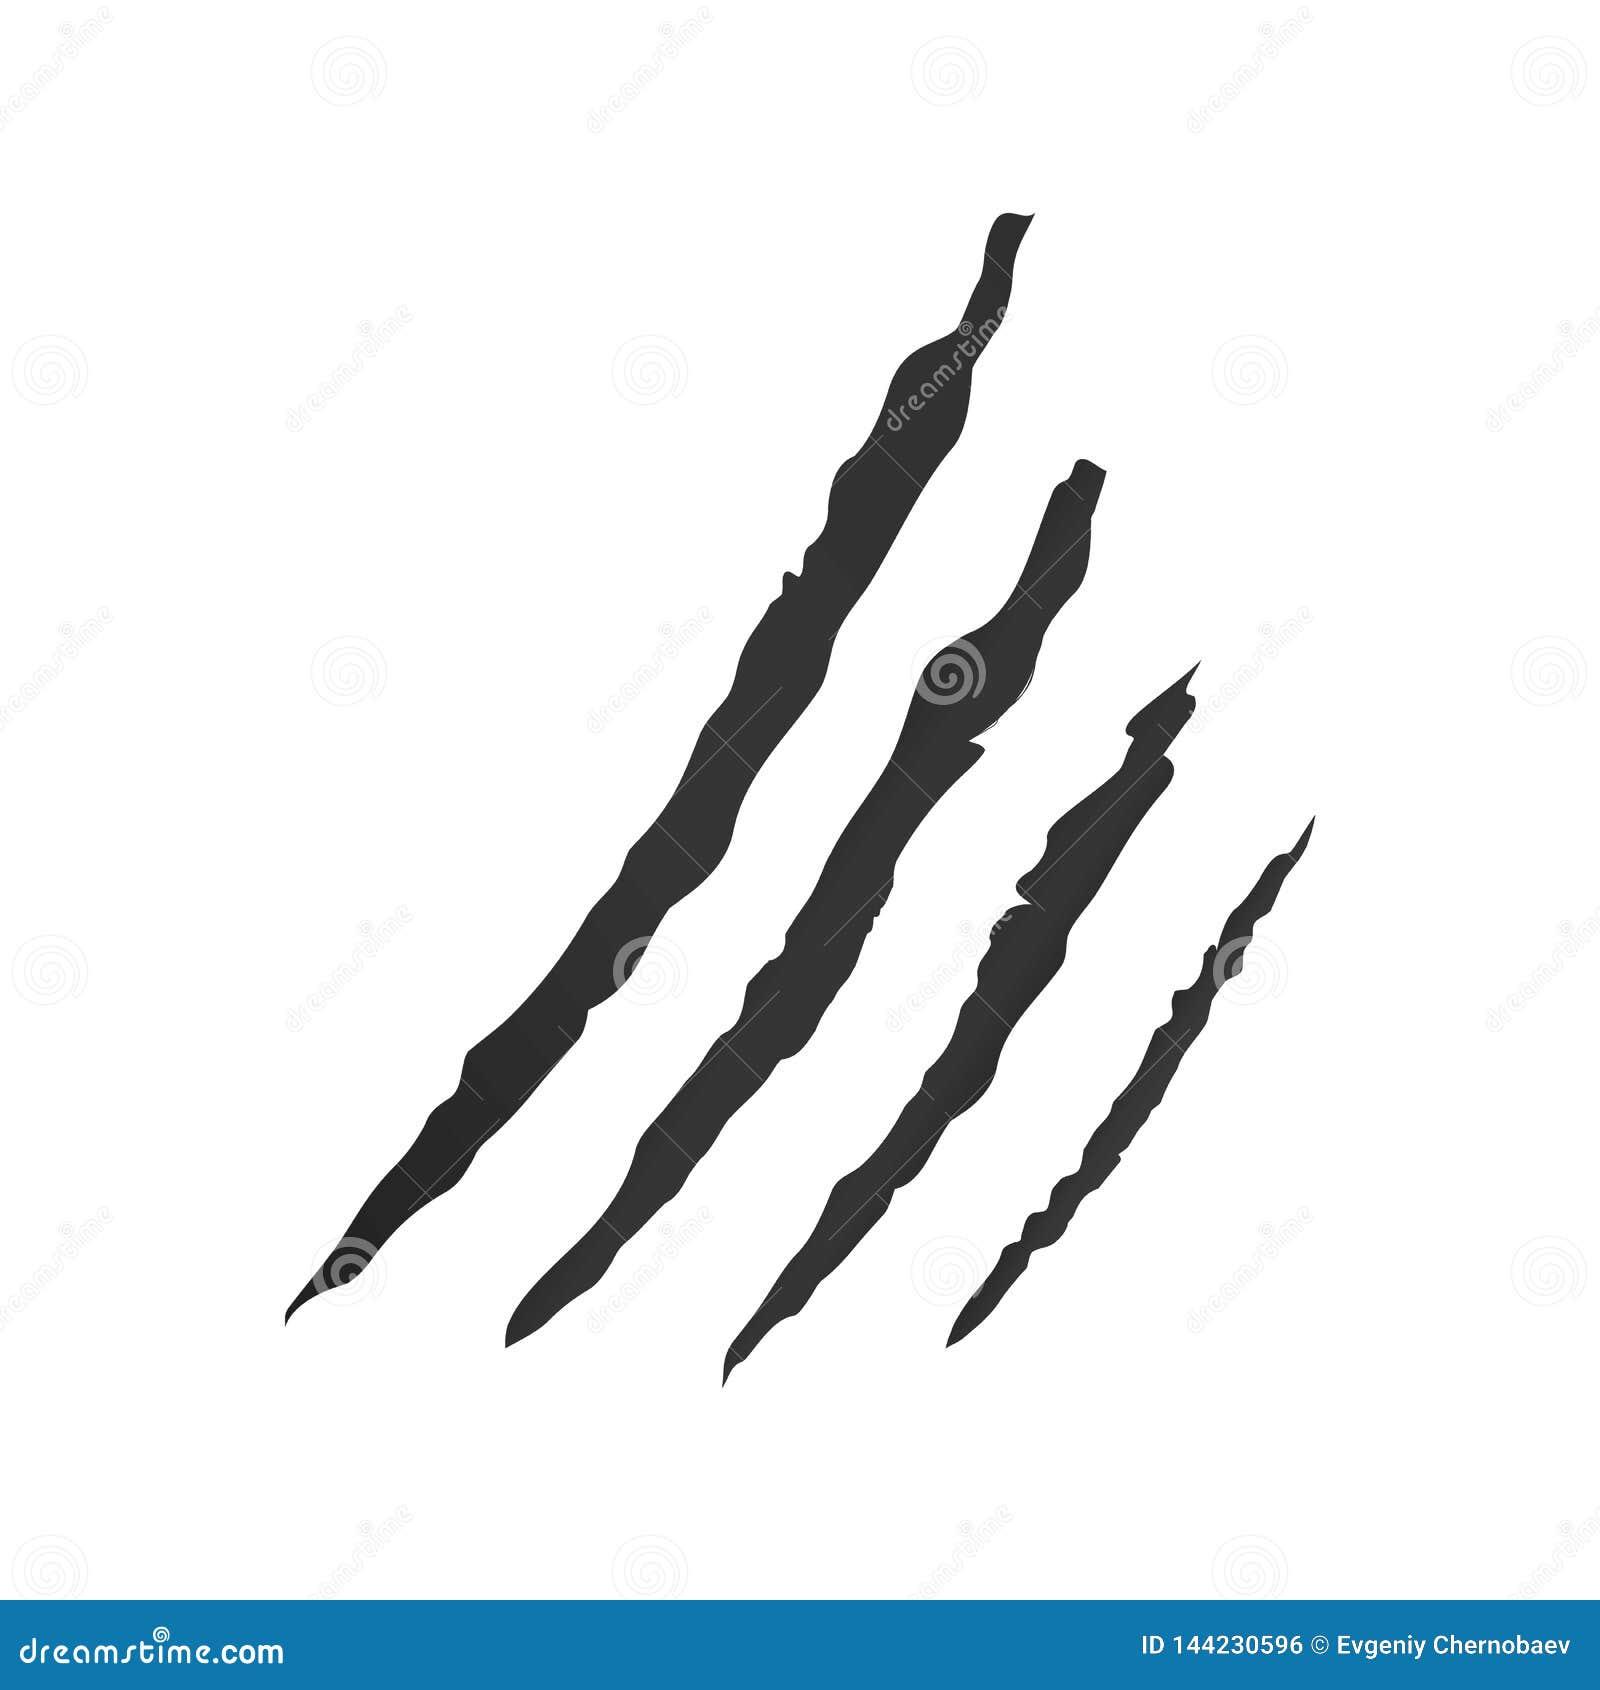 Vetor do risco das garras, risco animal da garra cópias ou marcas da garra em um vetor branco eps10 do fundo